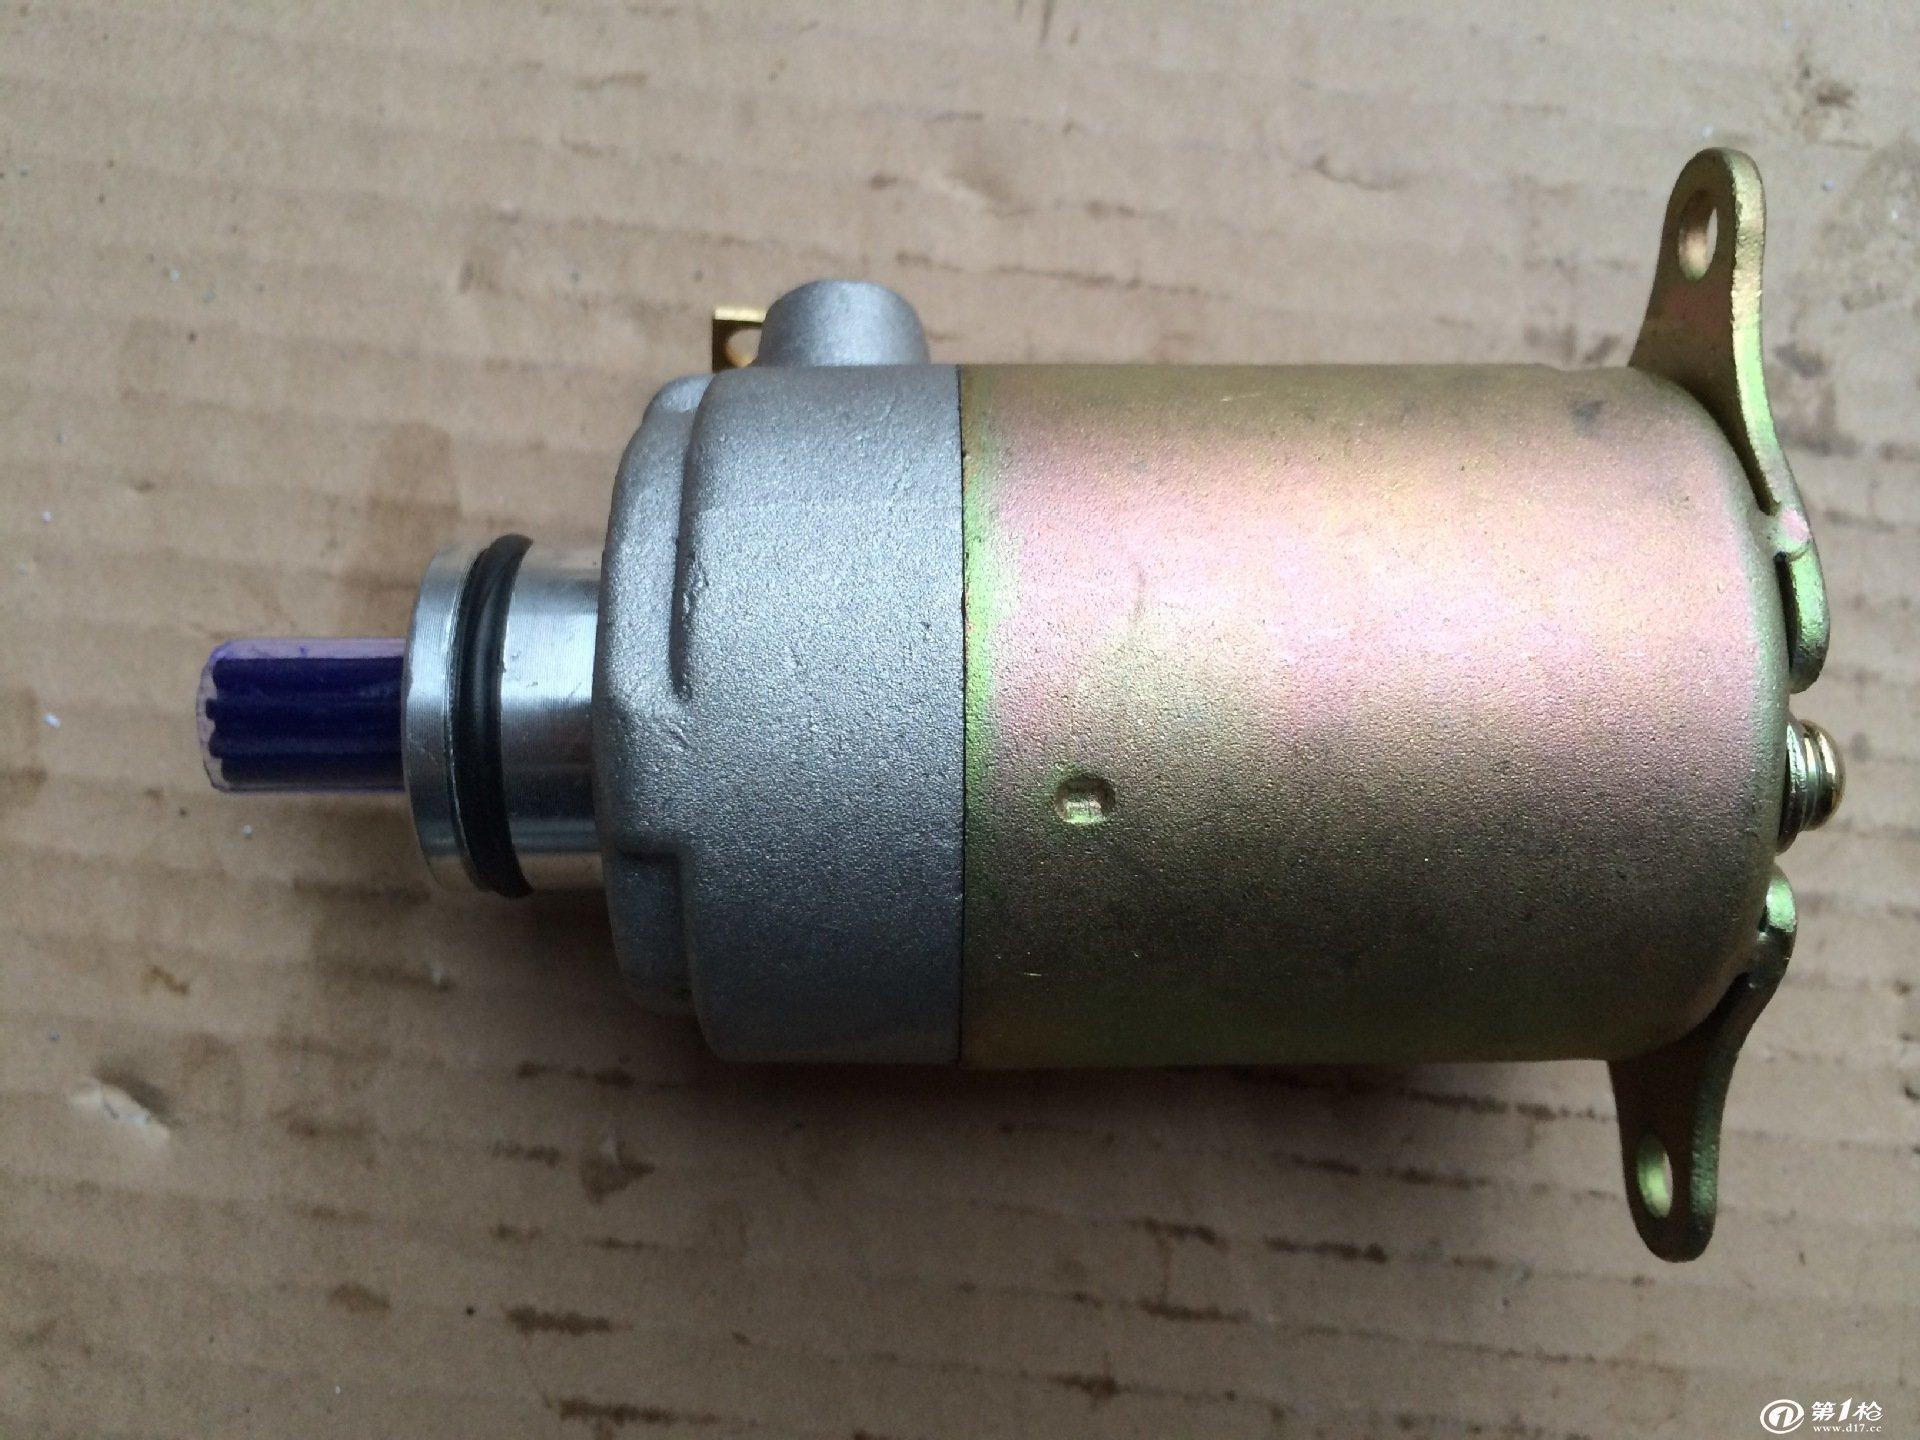 厂家直销 通用踏板车电动机,燃油助力车,电启动电机gy6-125